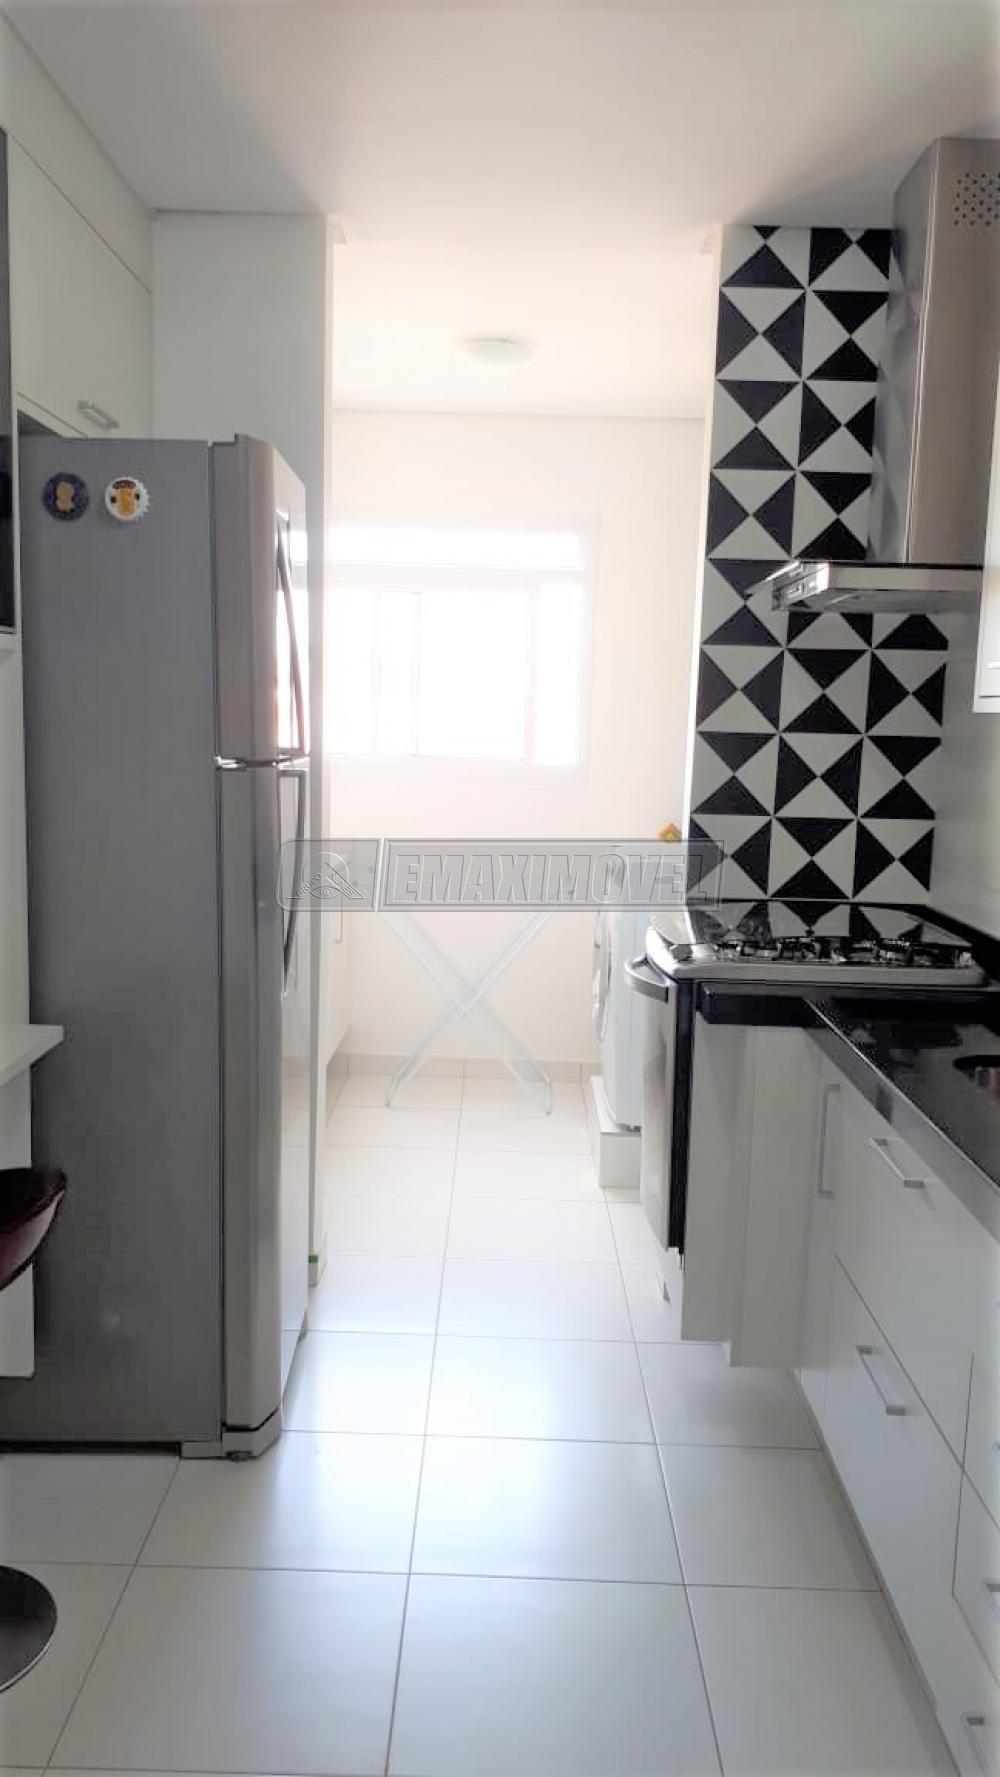 Comprar Apartamentos / Apto Padrão em Sorocaba apenas R$ 430.000,00 - Foto 7